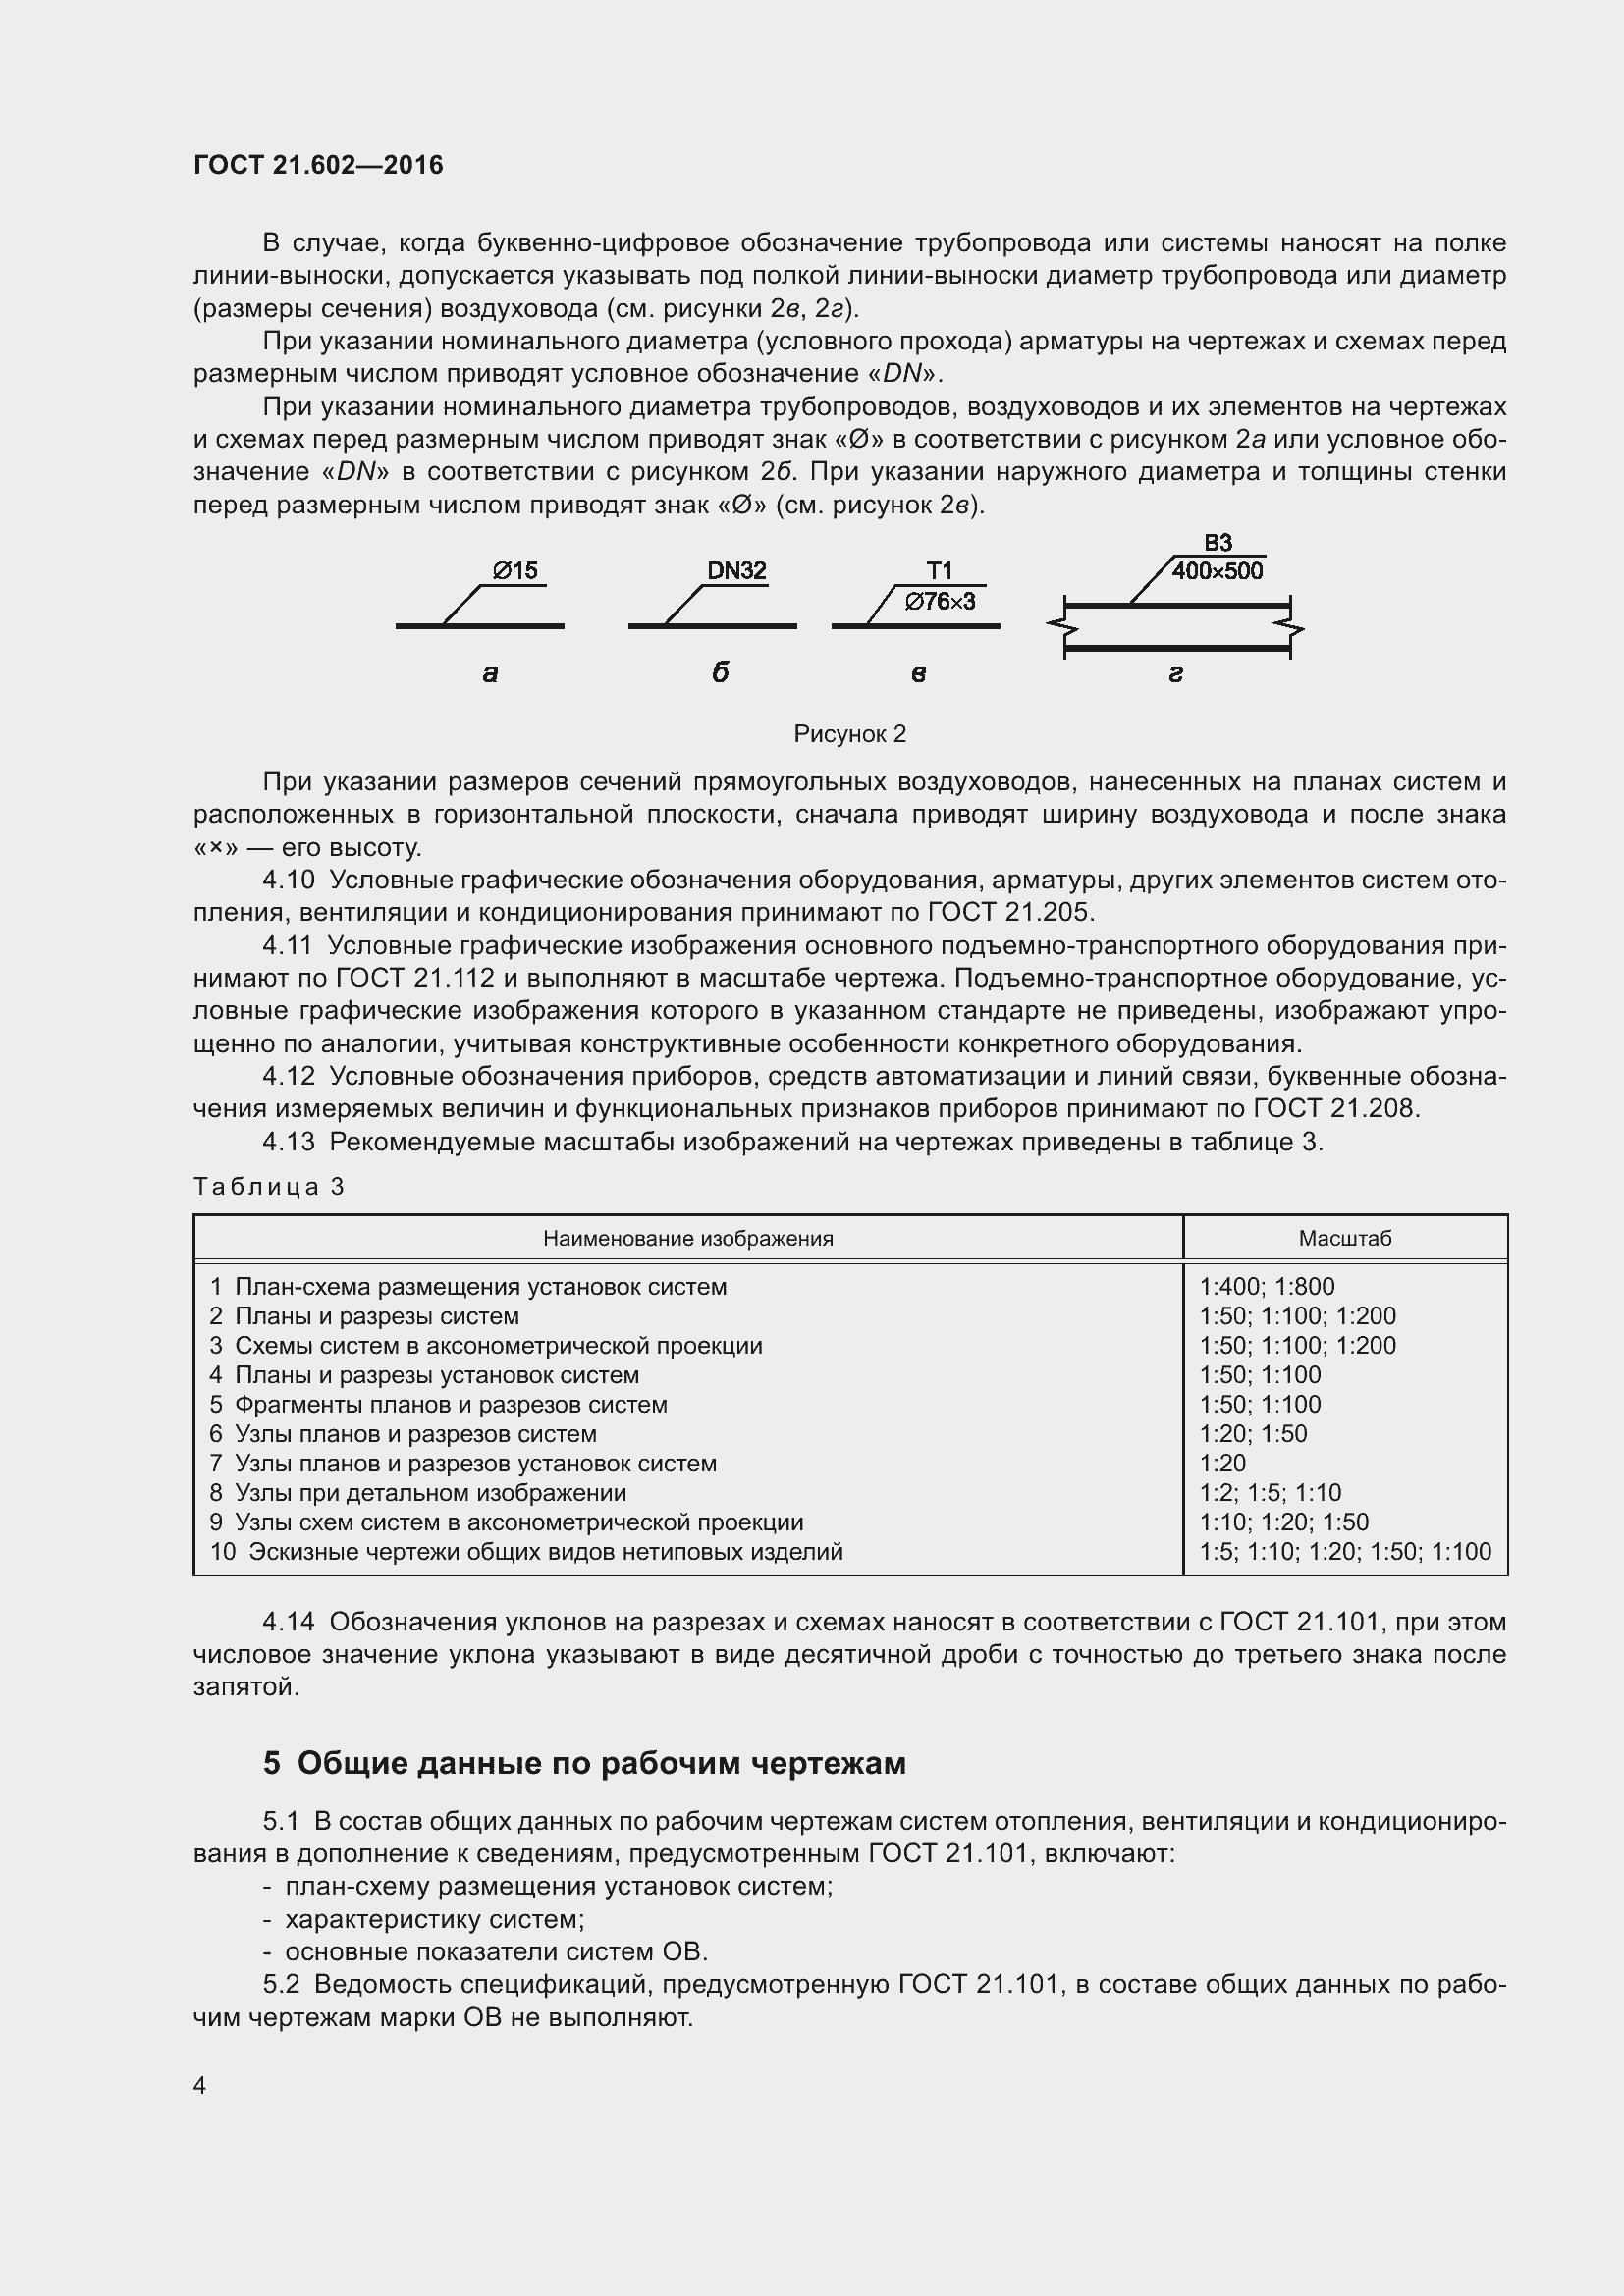 ГОСТ 21.602-2016. Страница 9